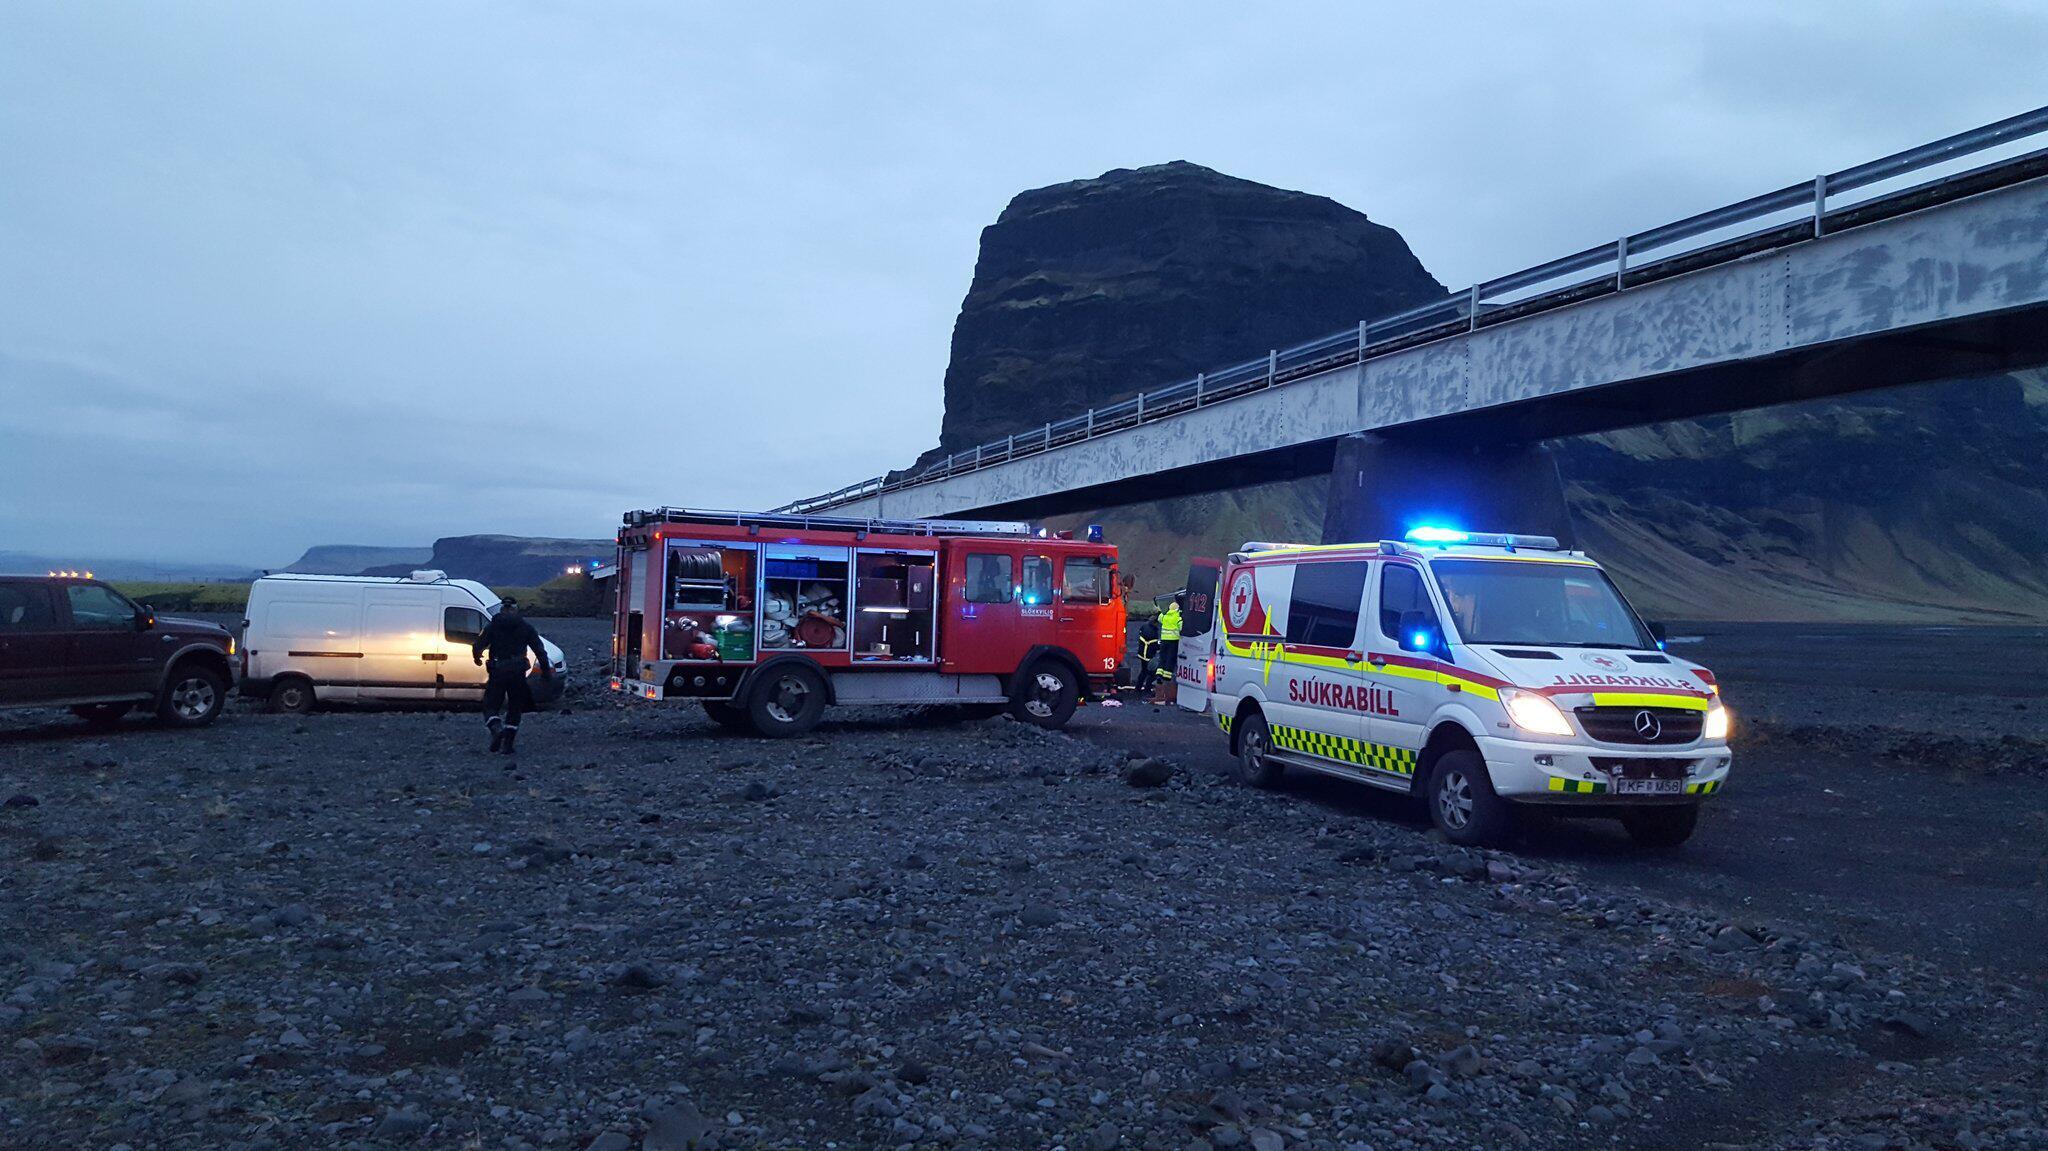 Bild zu Touristen stürzen mit Auto von Brücke